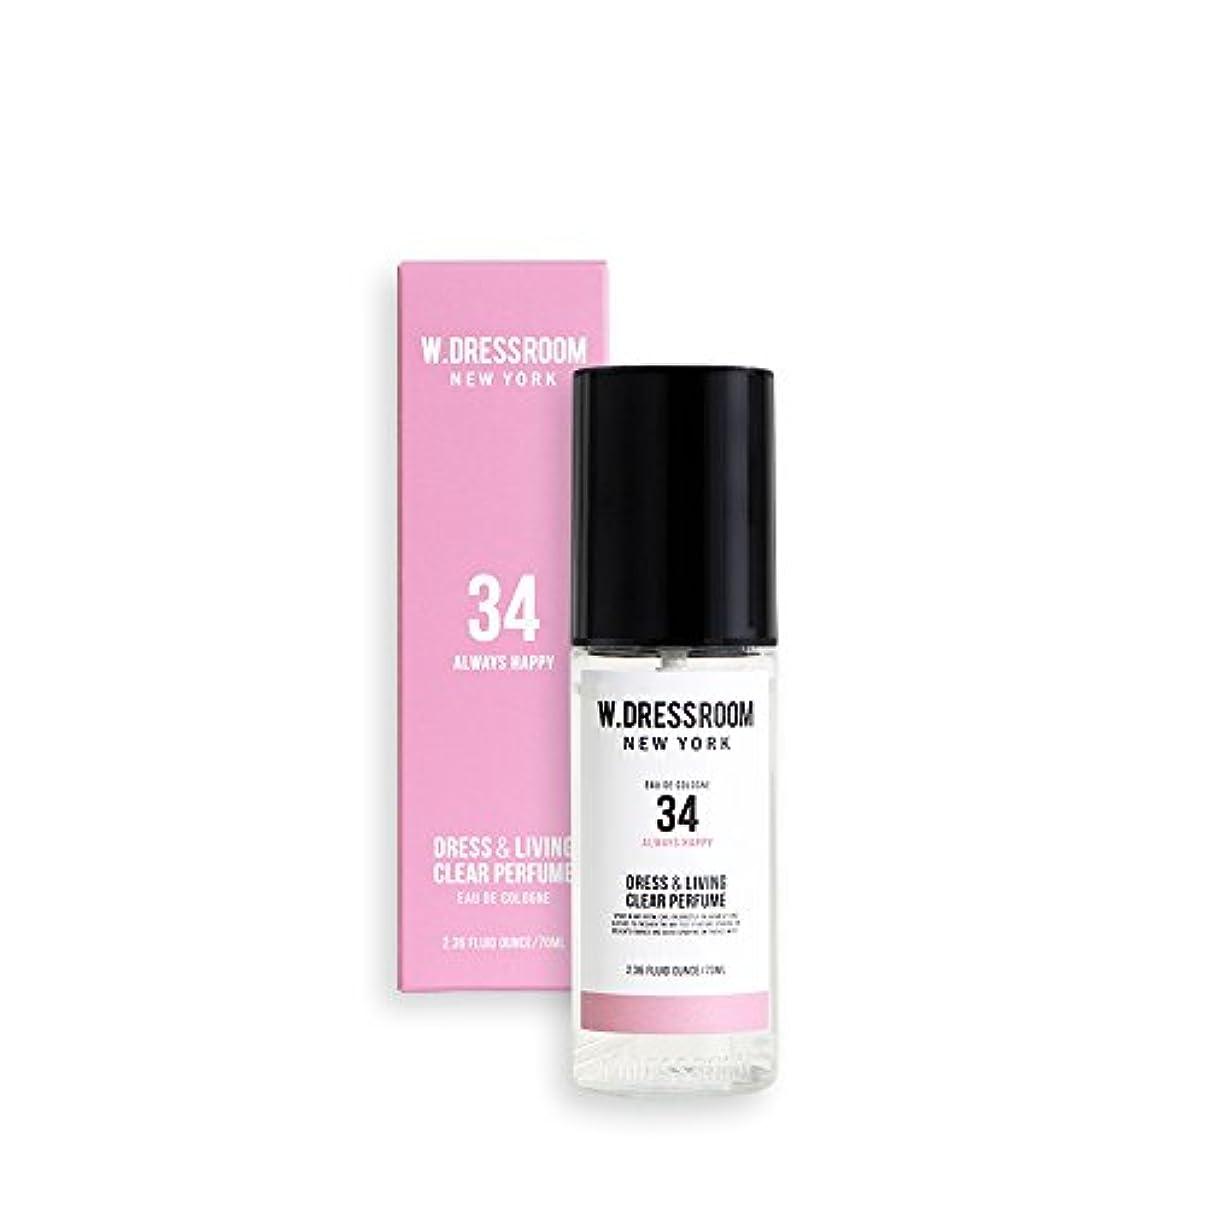 パラダイスコロニーライオンW.DRESSROOM Dress & Living Clear Perfume 70ml/ダブルドレスルーム ドレス&リビング クリア パフューム 70ml (#No.34 Always Happy) [並行輸入品]